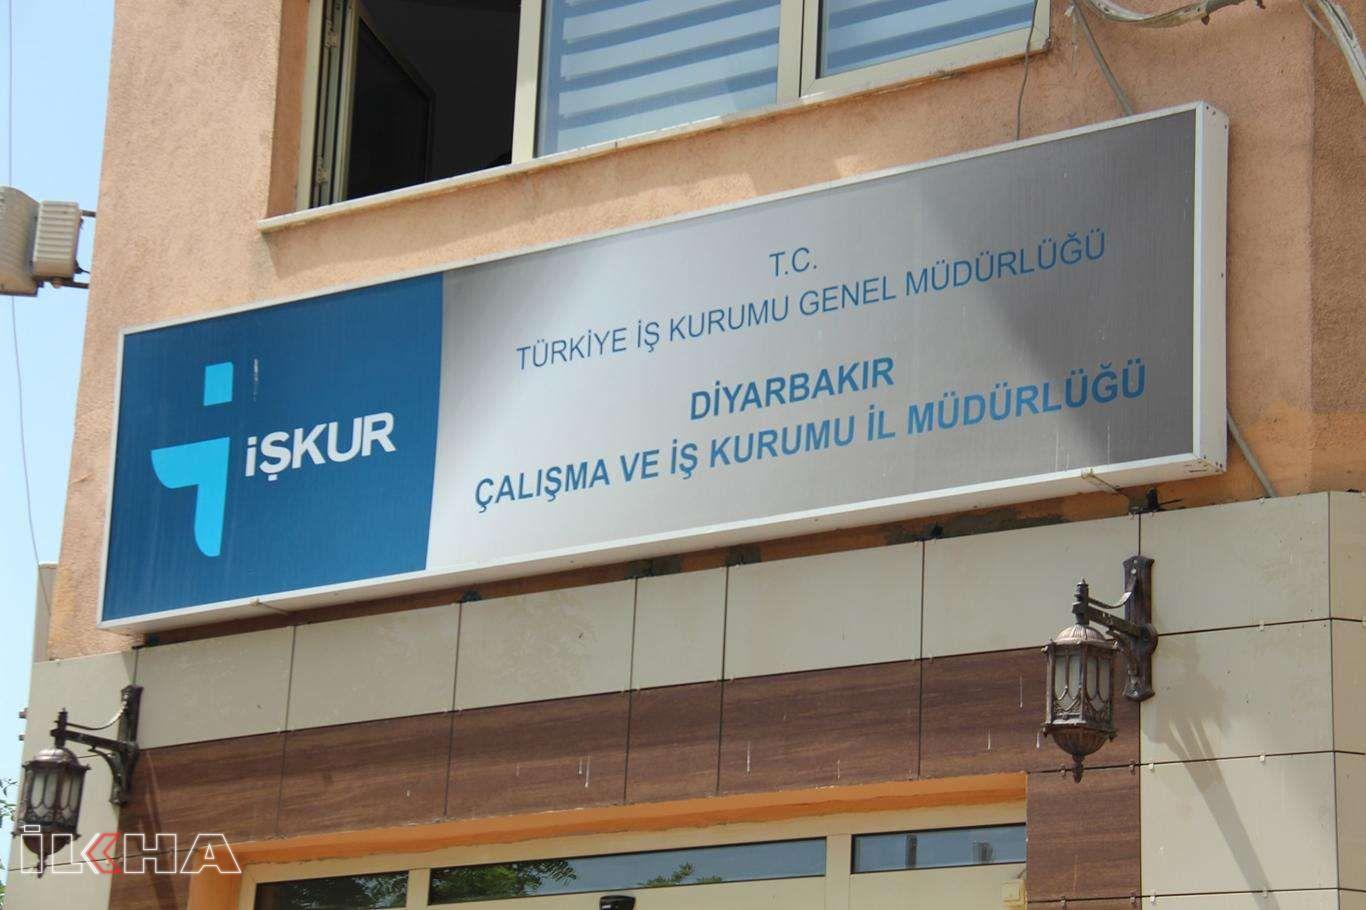 Diyarbakırda noter kurasıyla 2 bin 208 kişiye iş imkânı